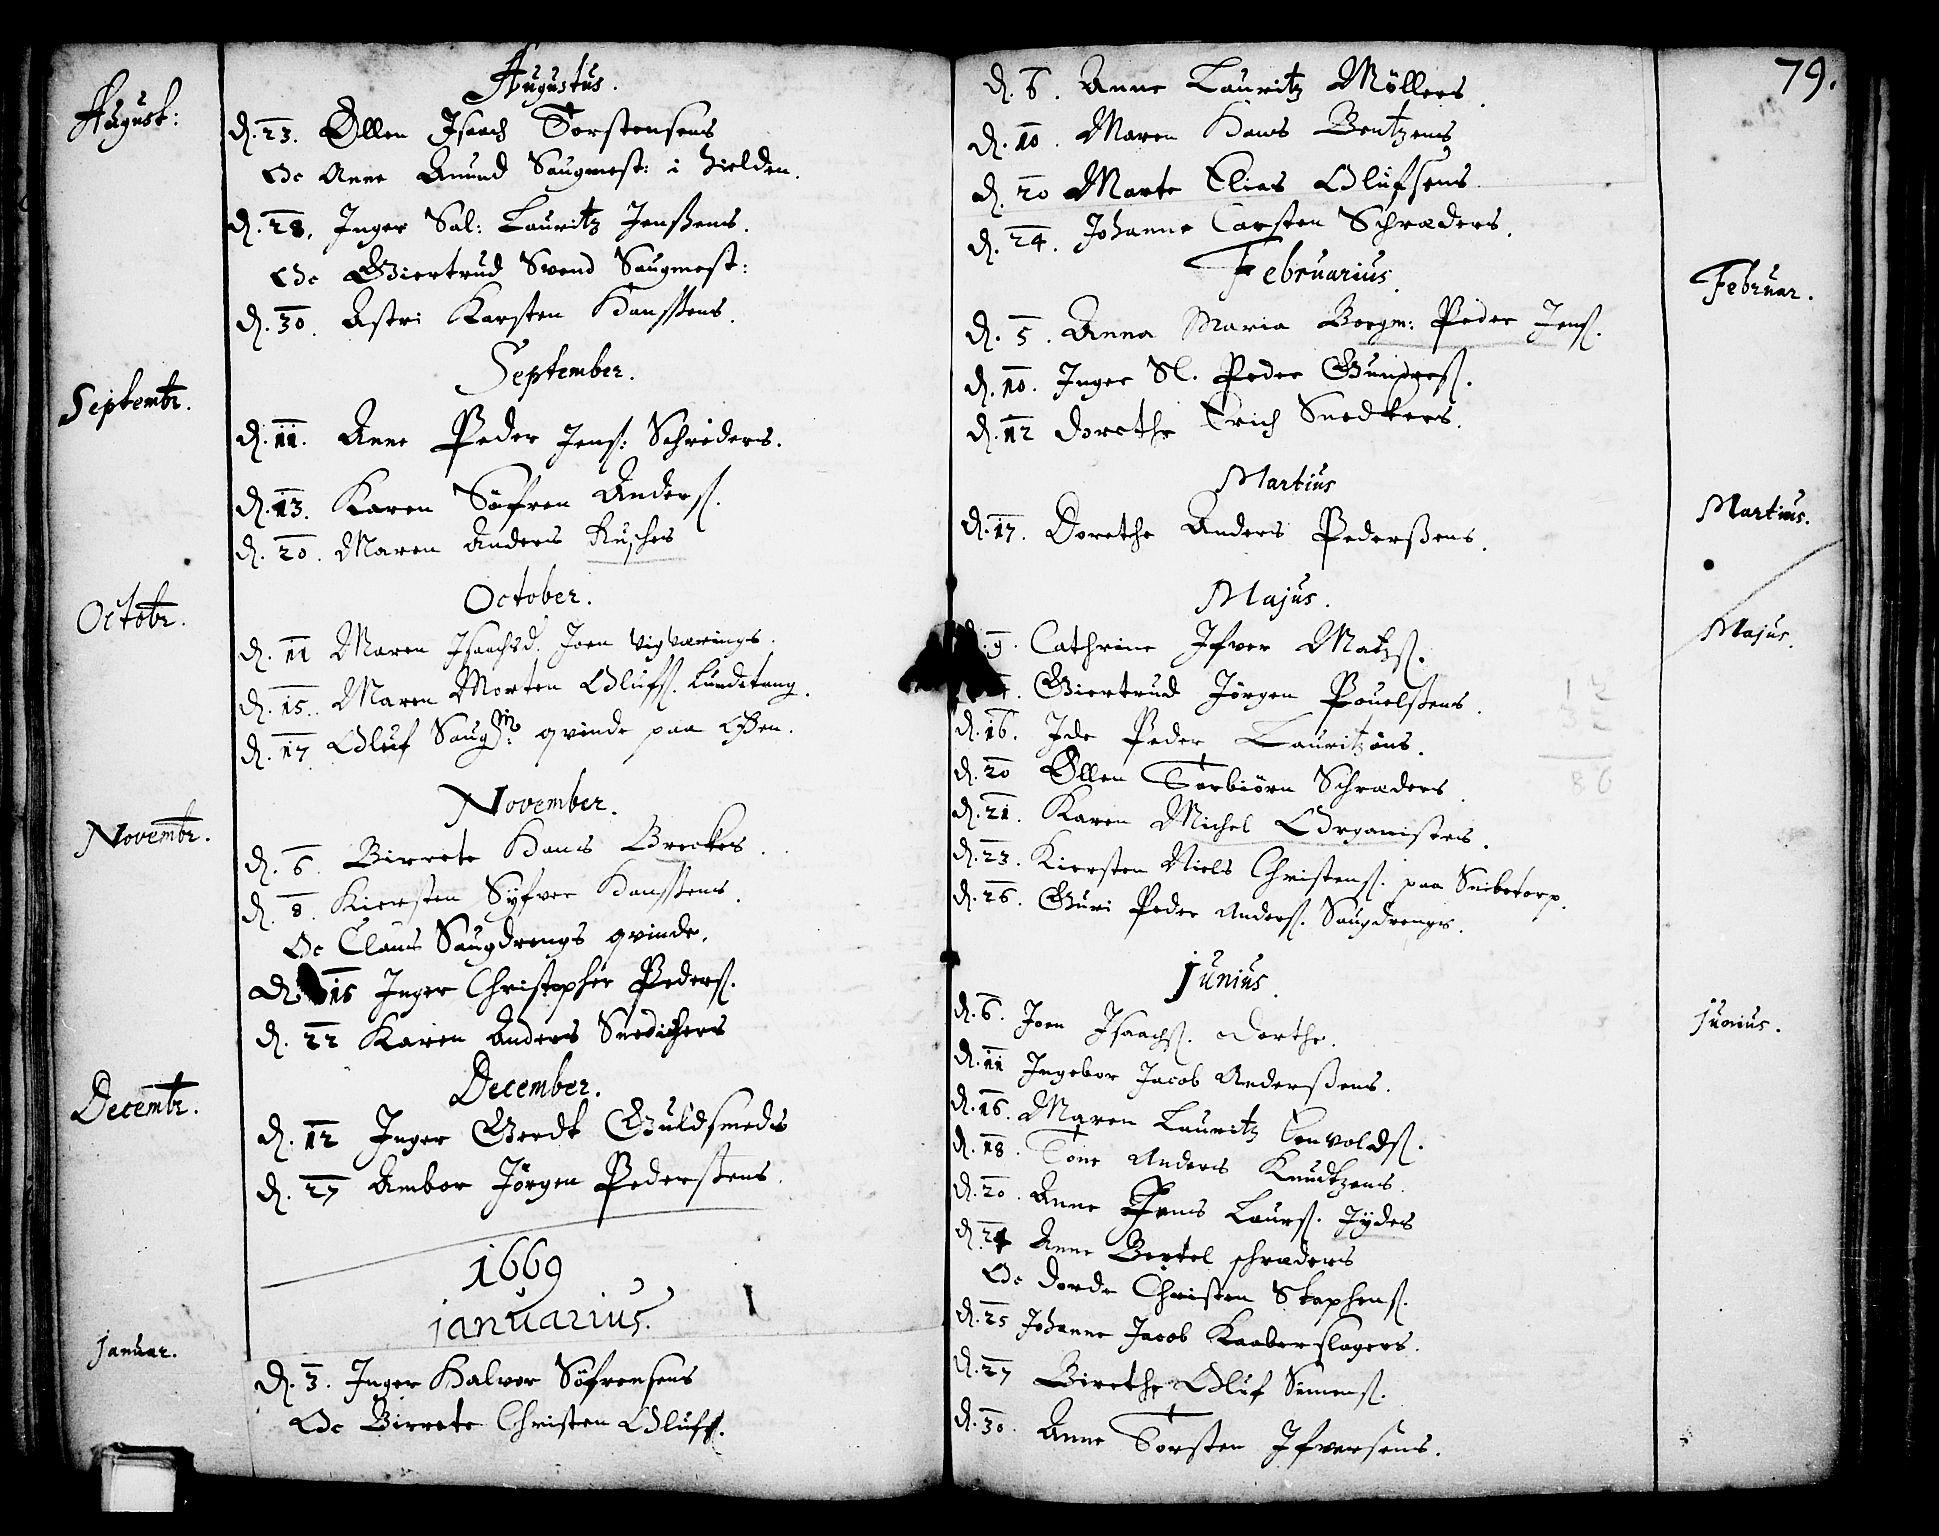 SAKO, Skien kirkebøker, F/Fa/L0001: Ministerialbok nr. 1, 1659-1679, s. 79